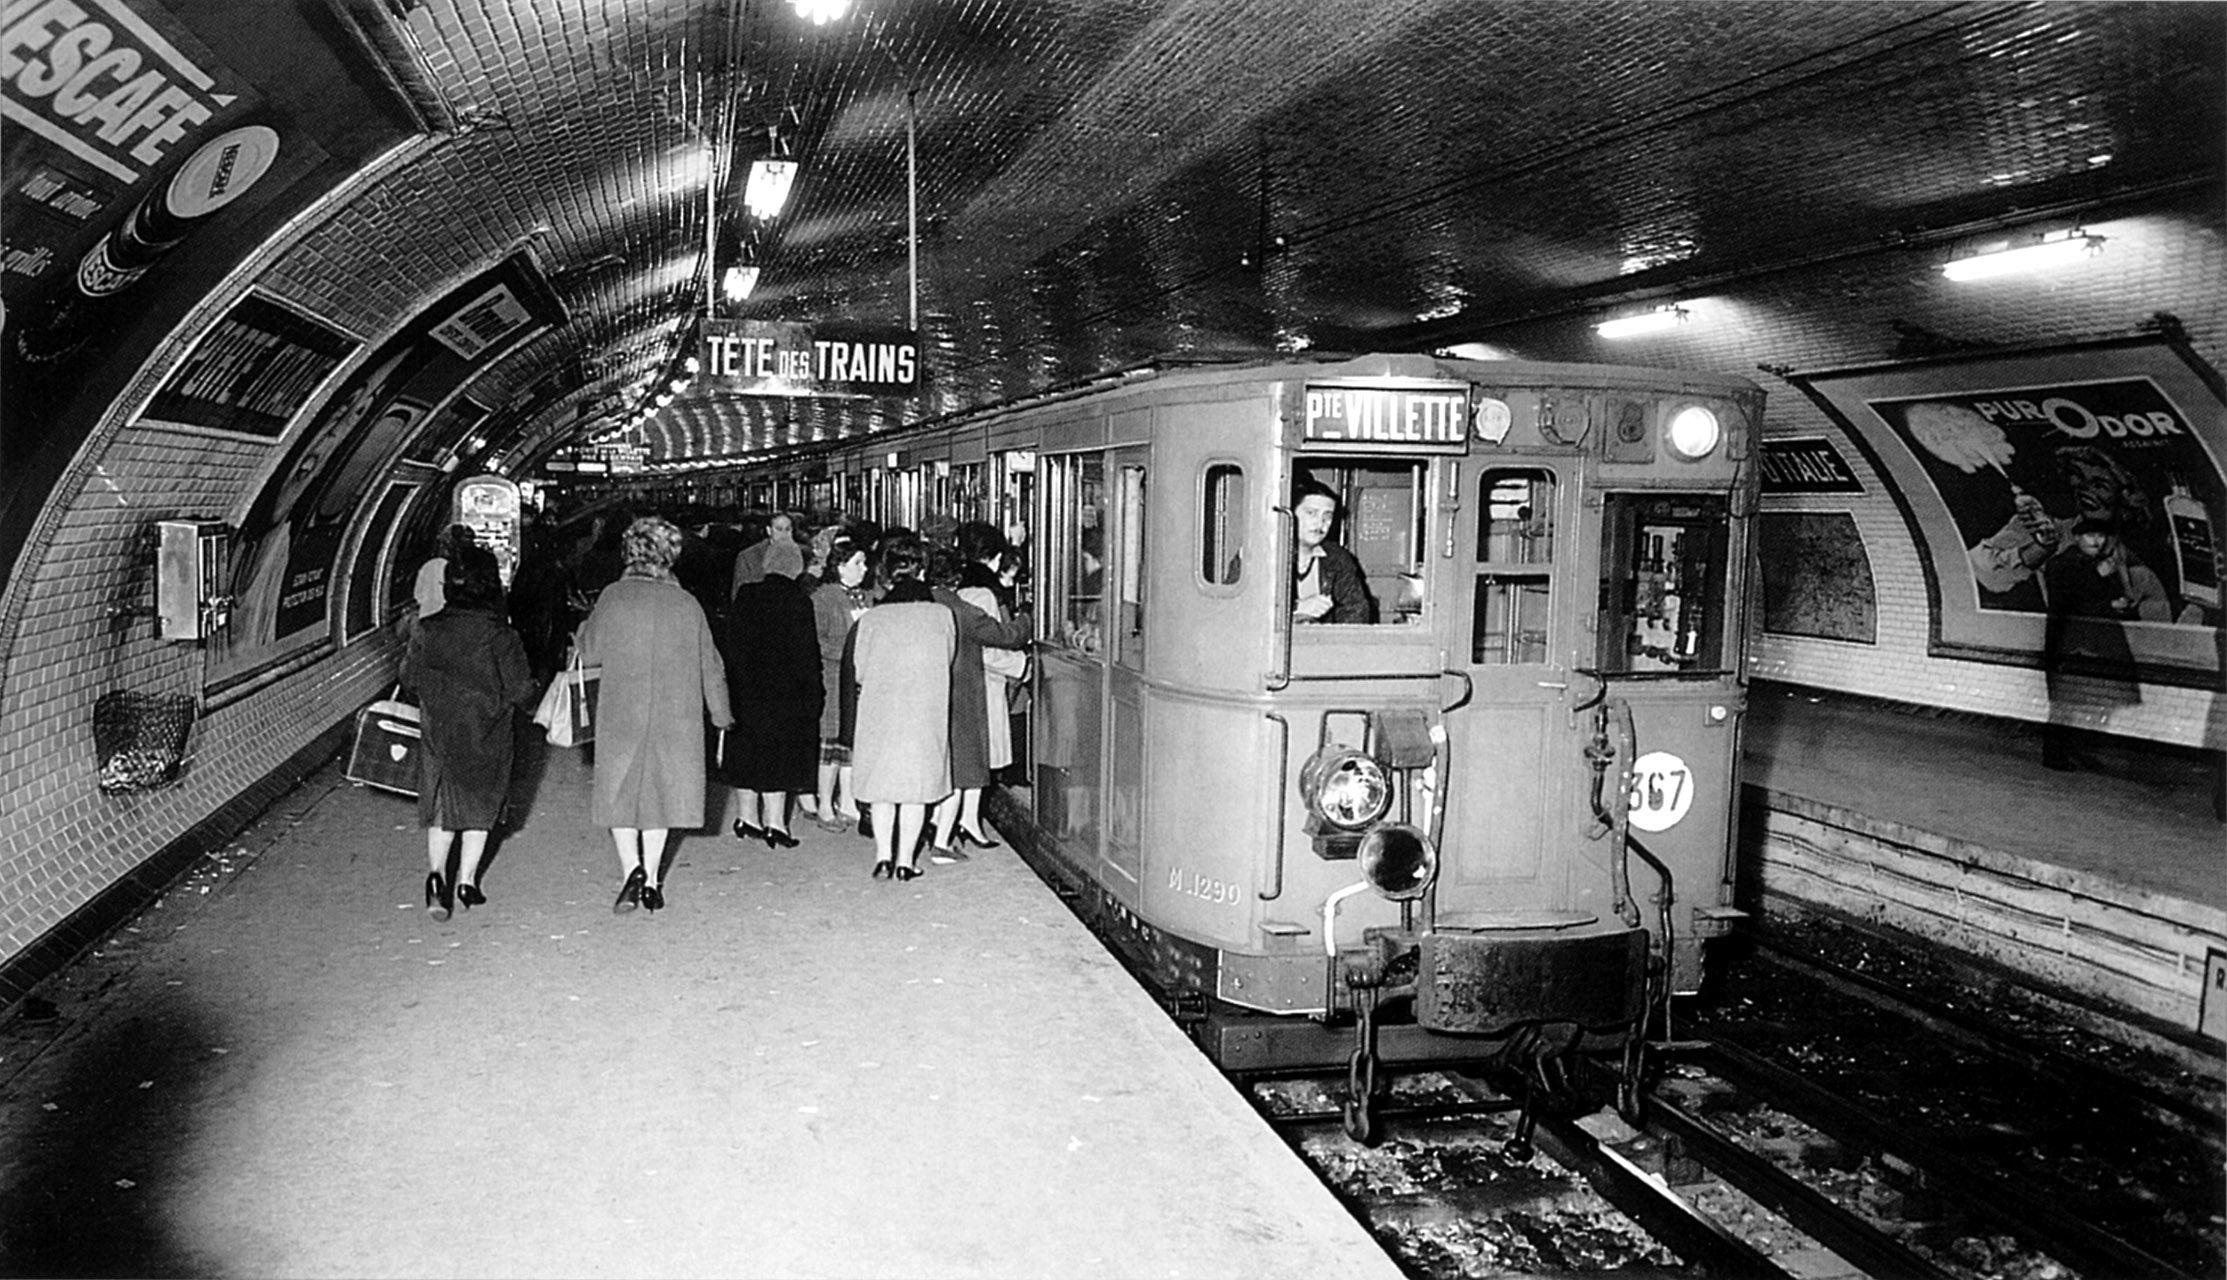 Metro de Paris Ligne 7 Porte d Italie. 1930 Metro paris